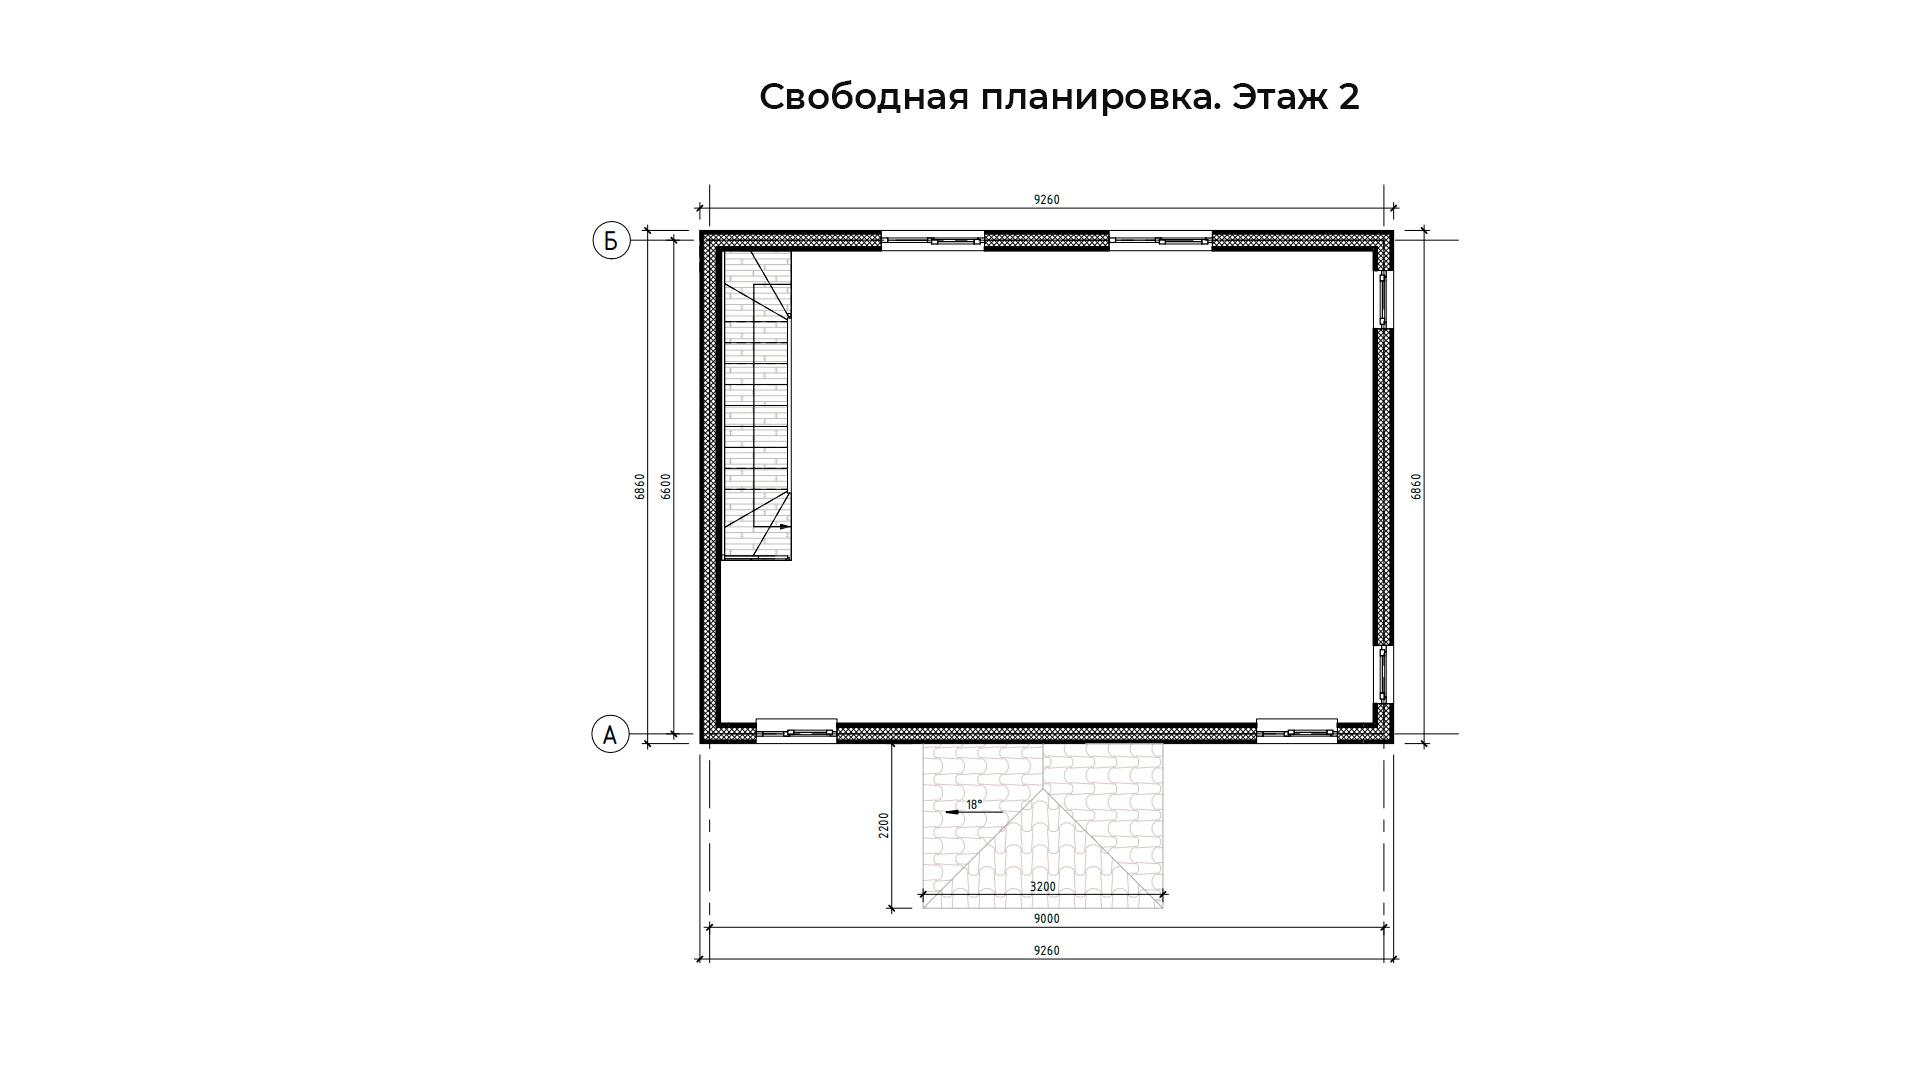 Свободная планировка второго этажа коттеджа БП-105.